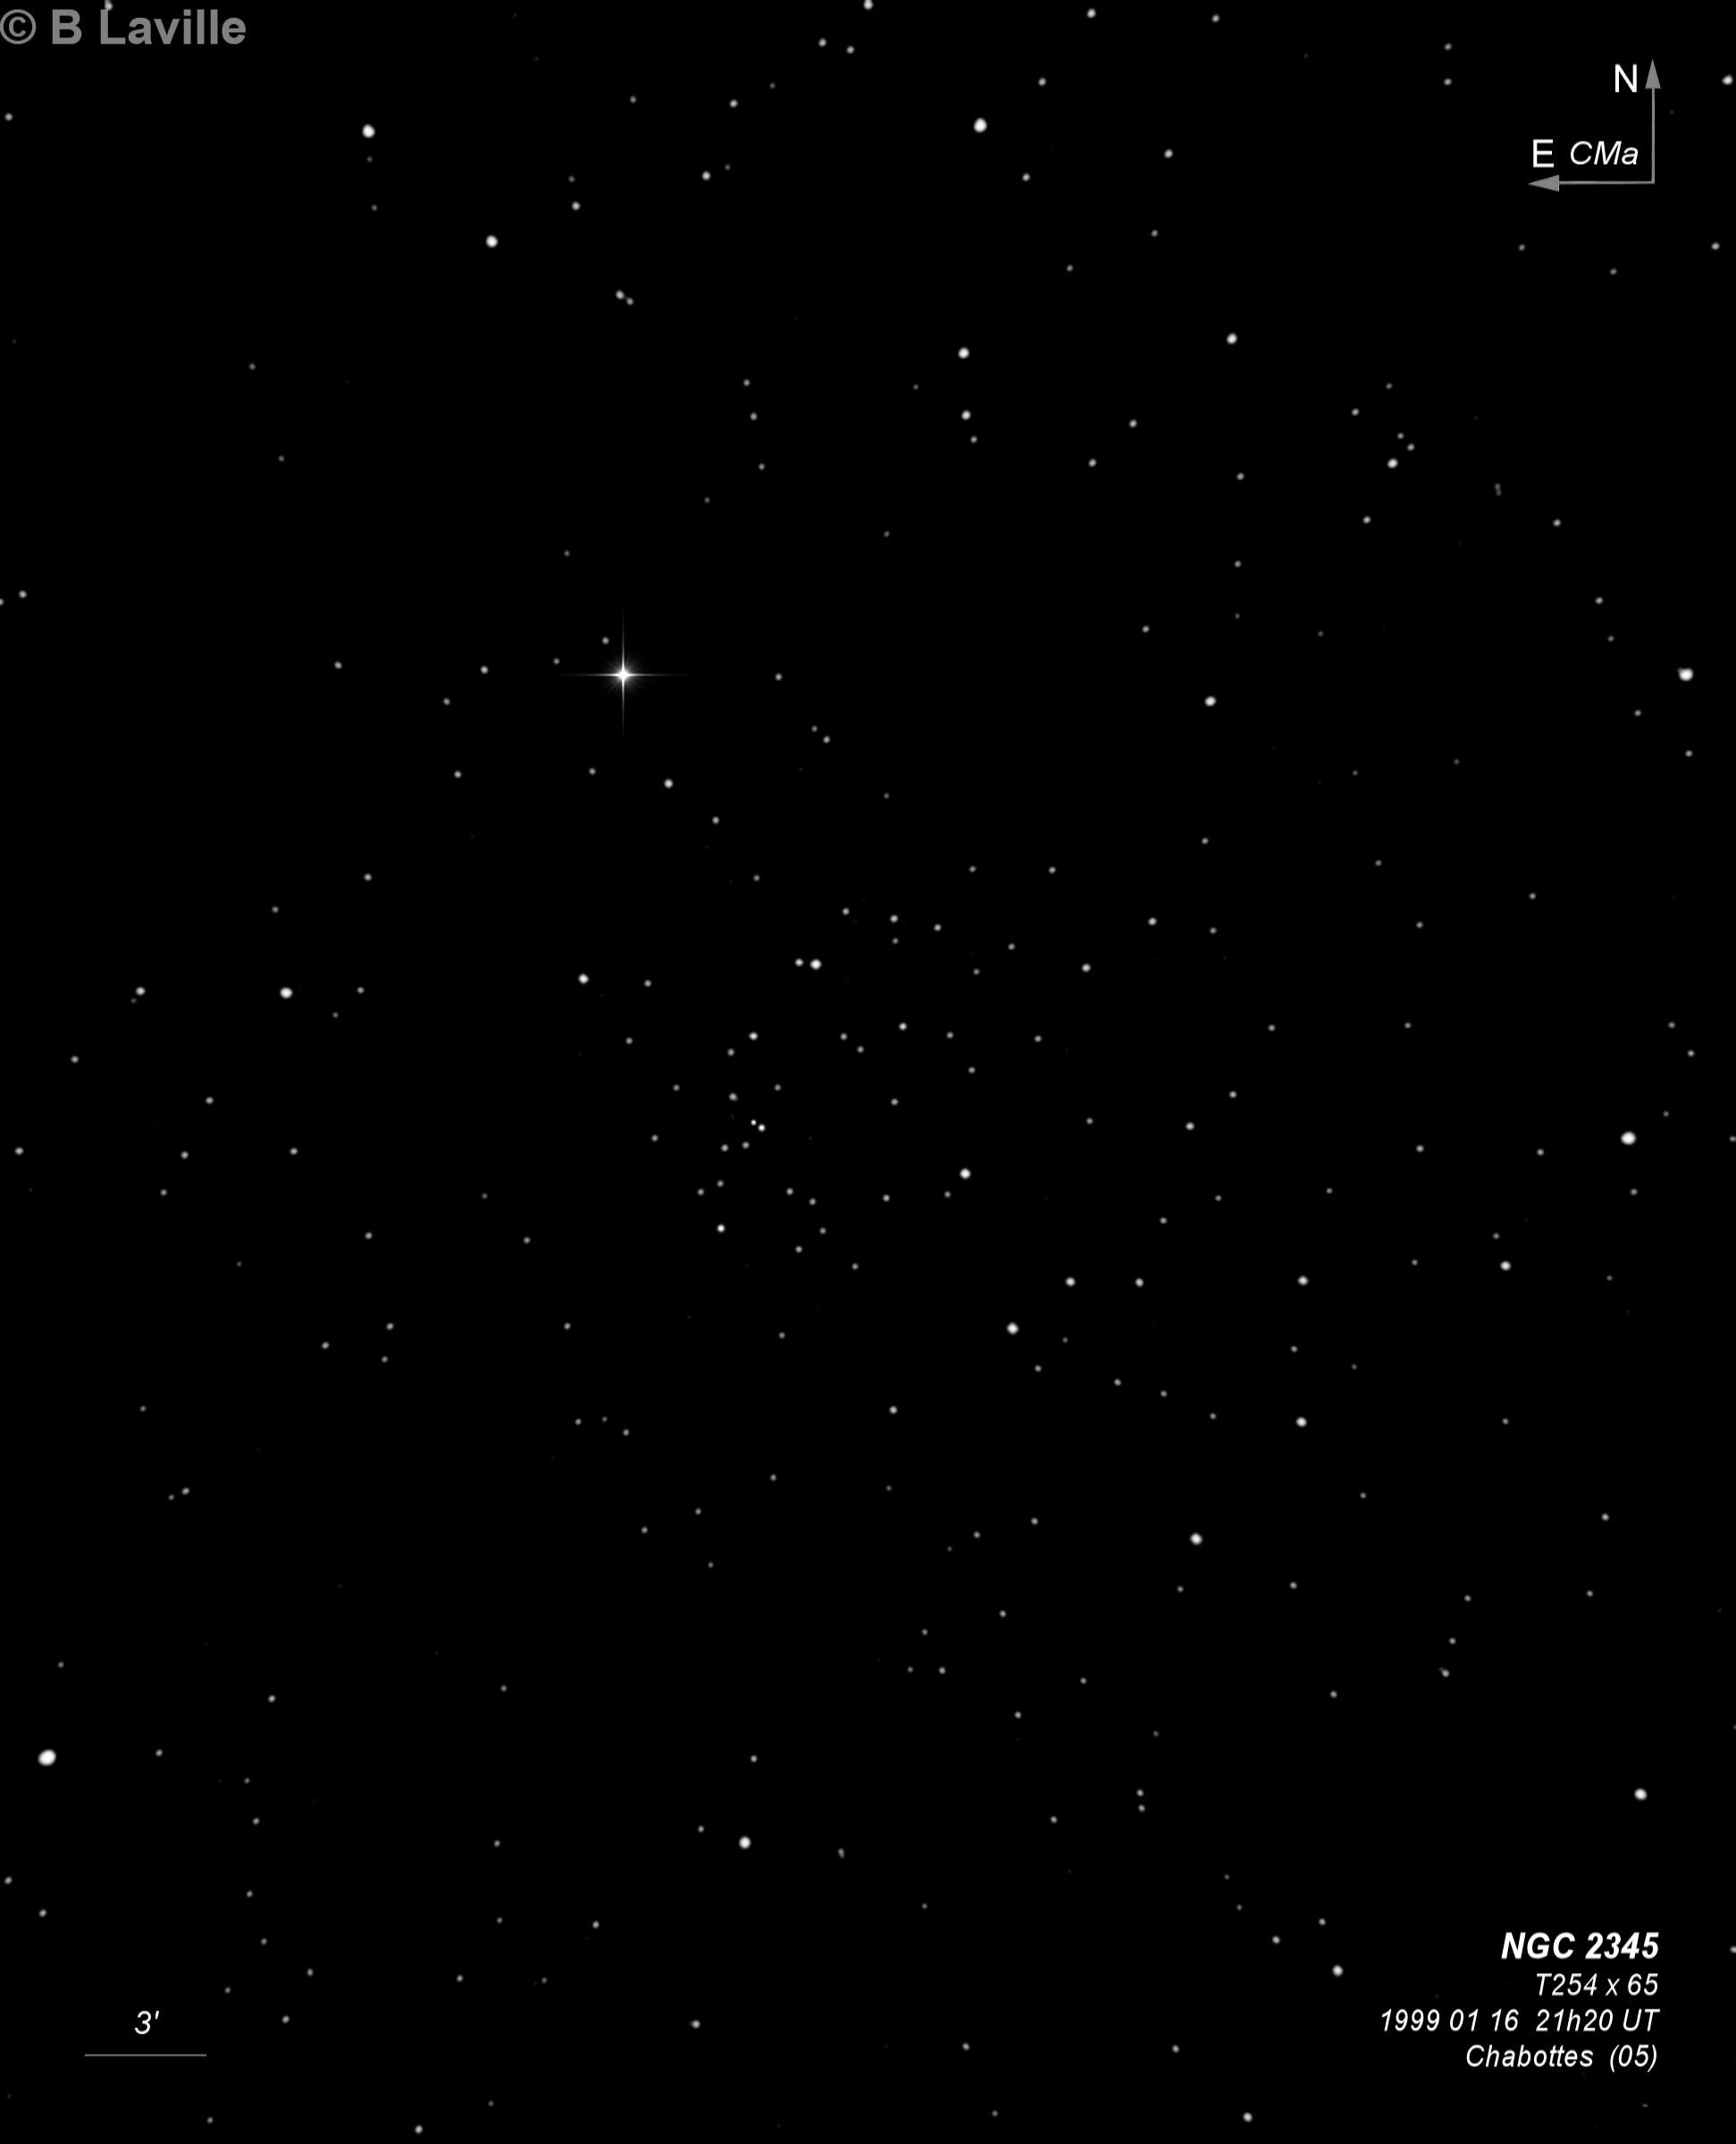 NGC 2345